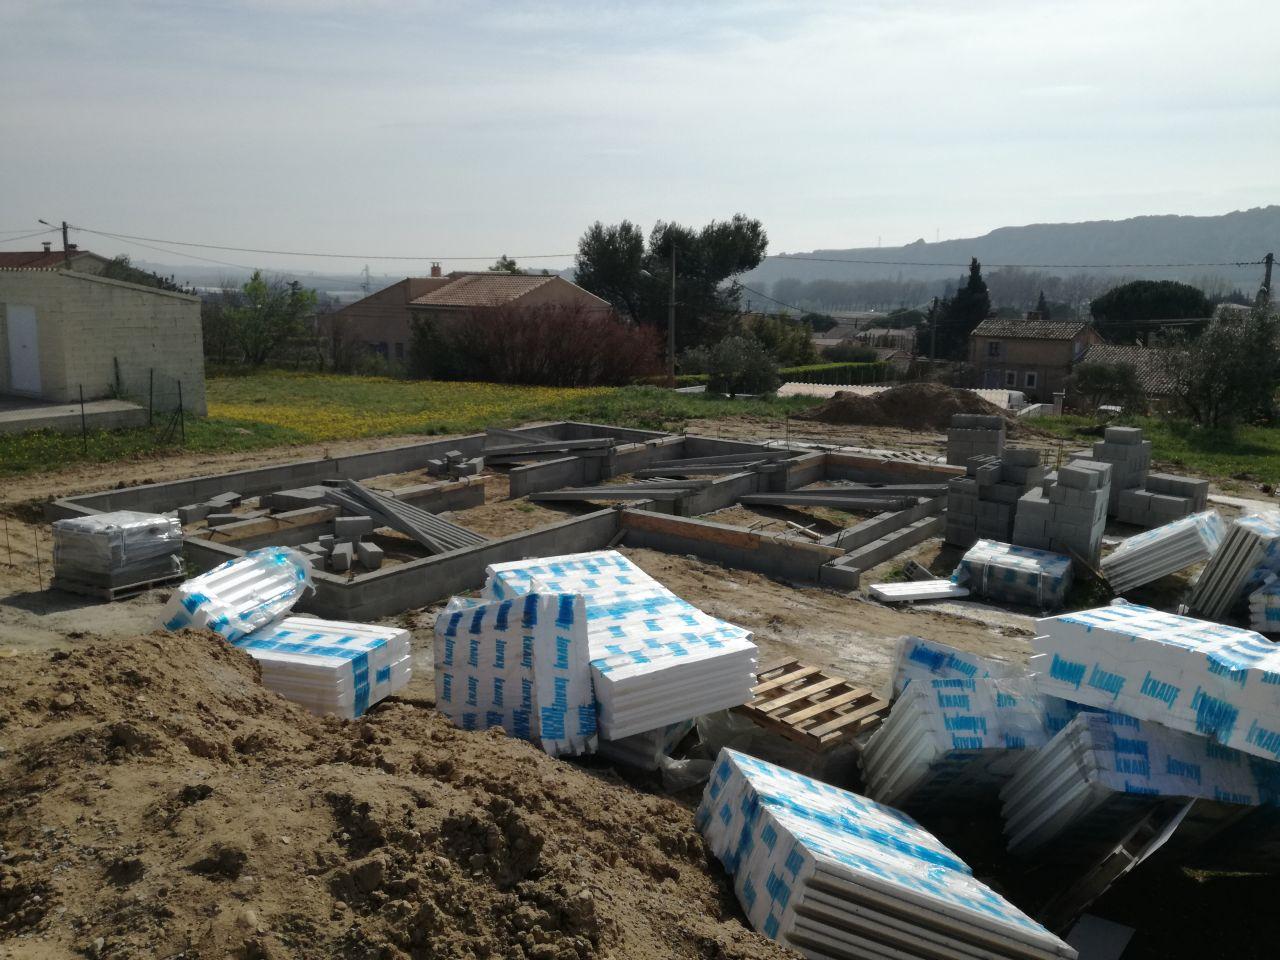 Début du montage du Vide sanitaire. Entre parenthèses, c'était le bazar sur le chantier...